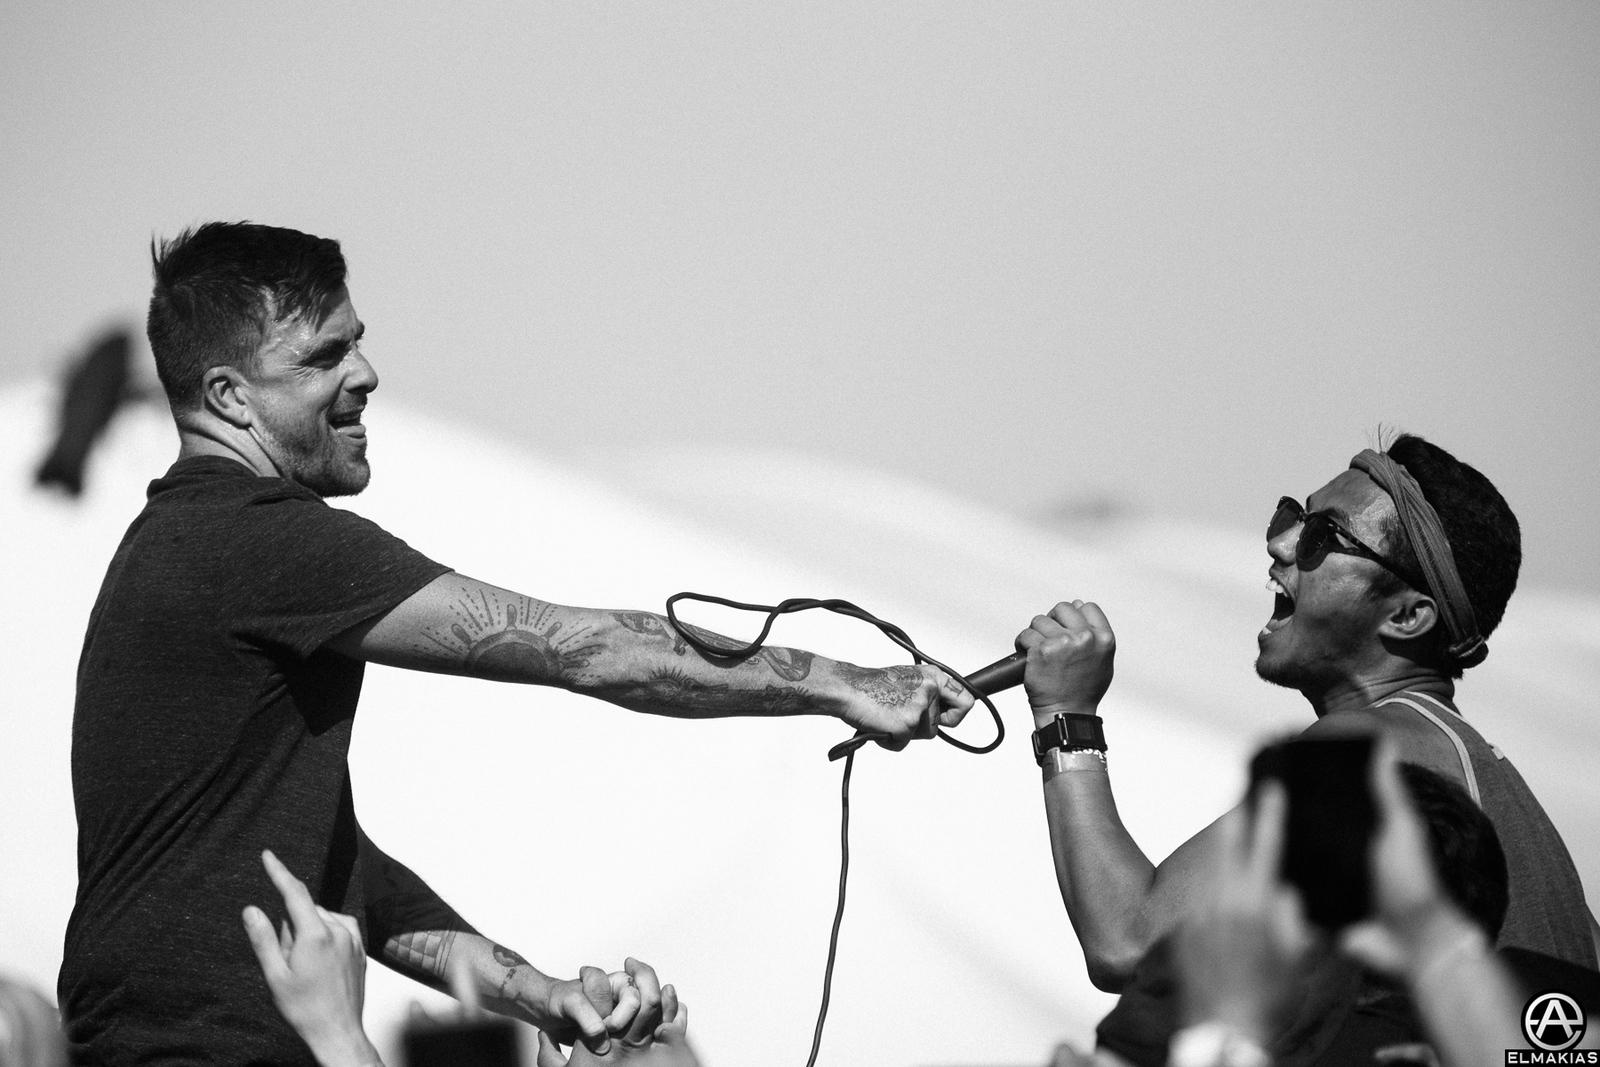 Circa Survive live at Coachella